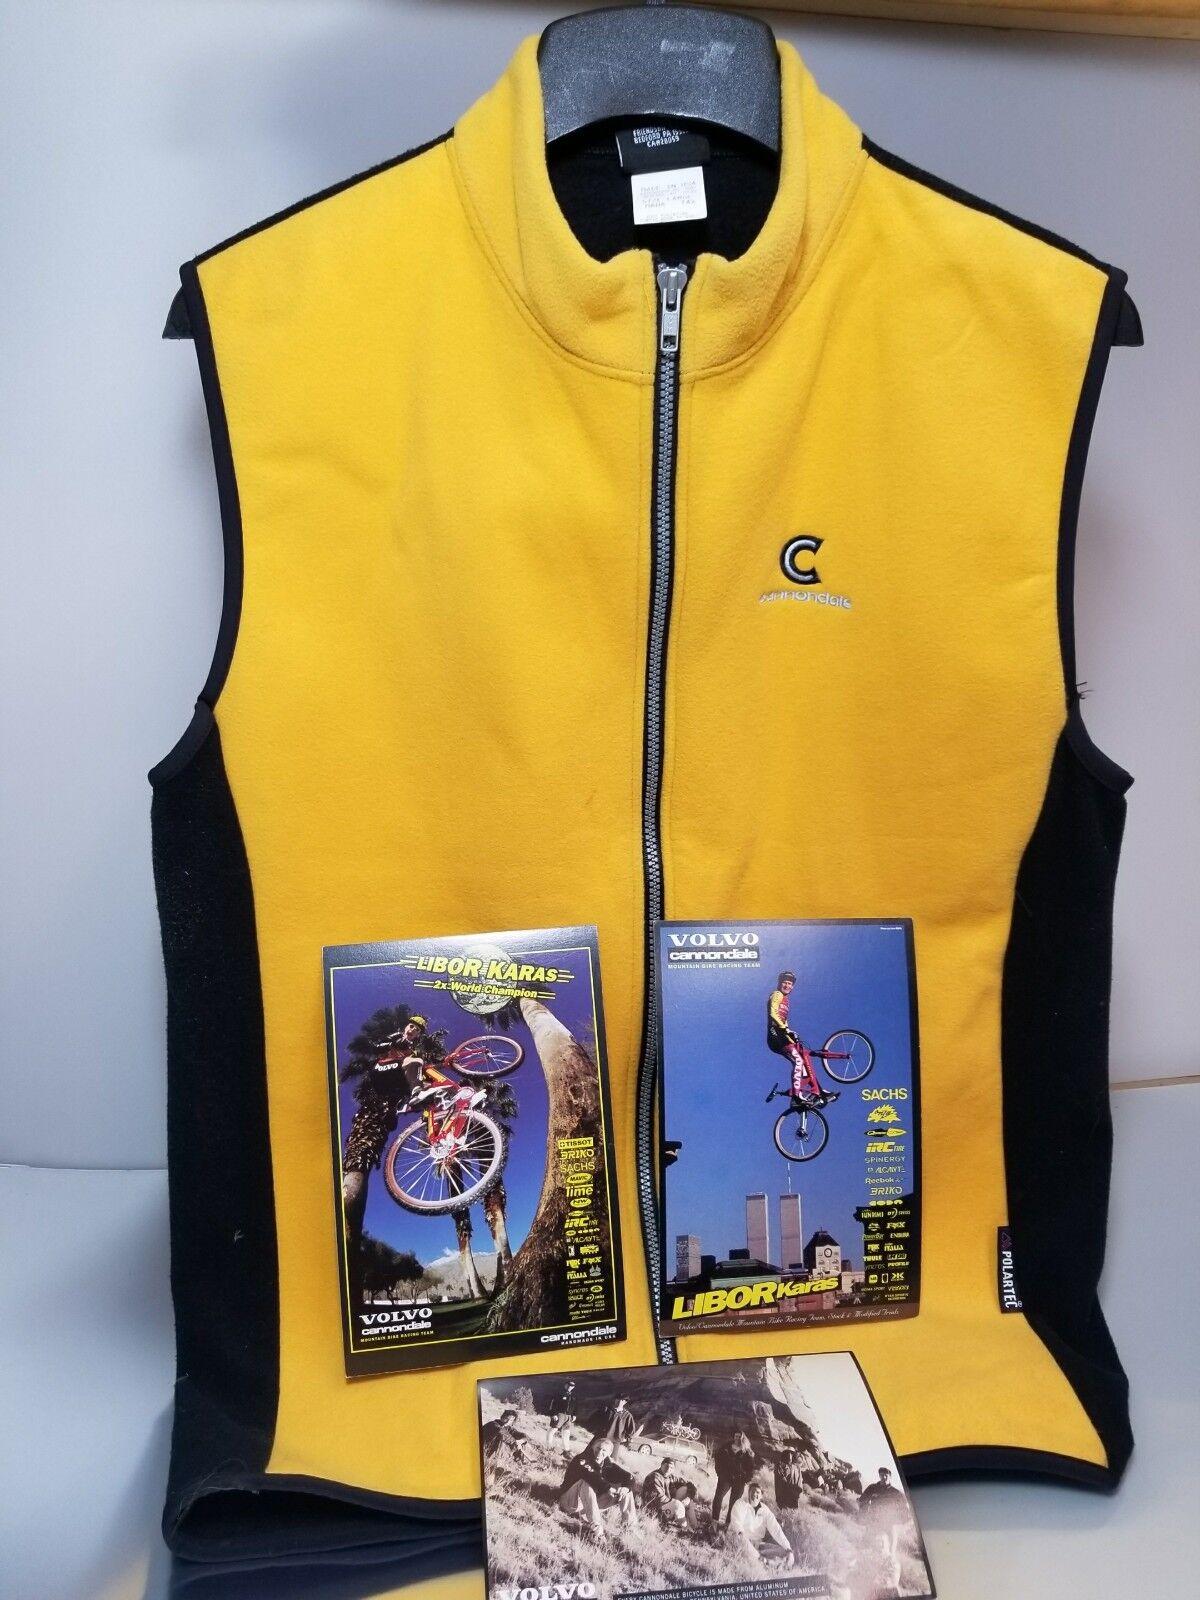 Libor Karas Vintage Cannondale  Cycling Vest  95-96 personal